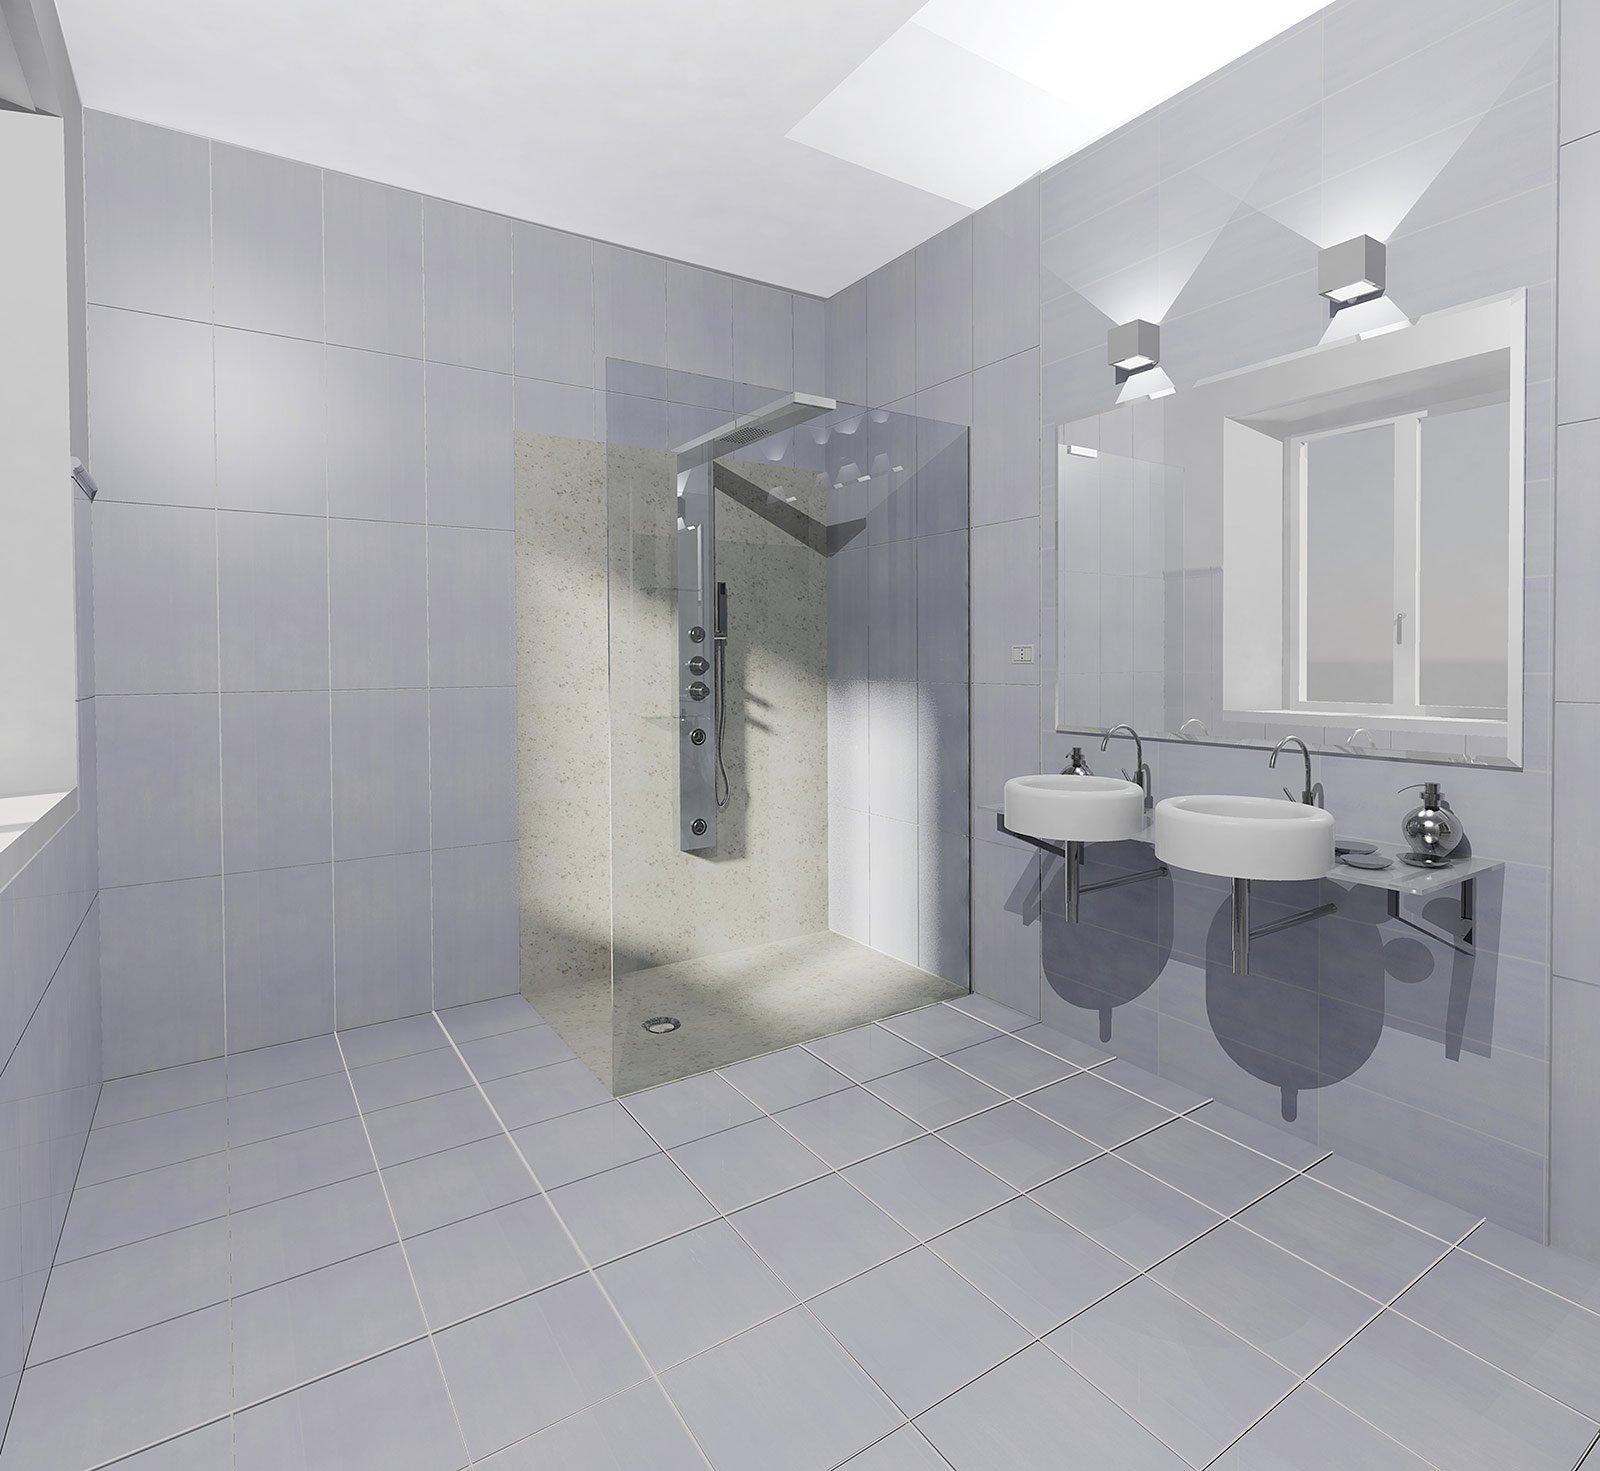 Scegliere i rivestimenti per pareti e pavimenti cose di casa - Pavimenti per doccia ...